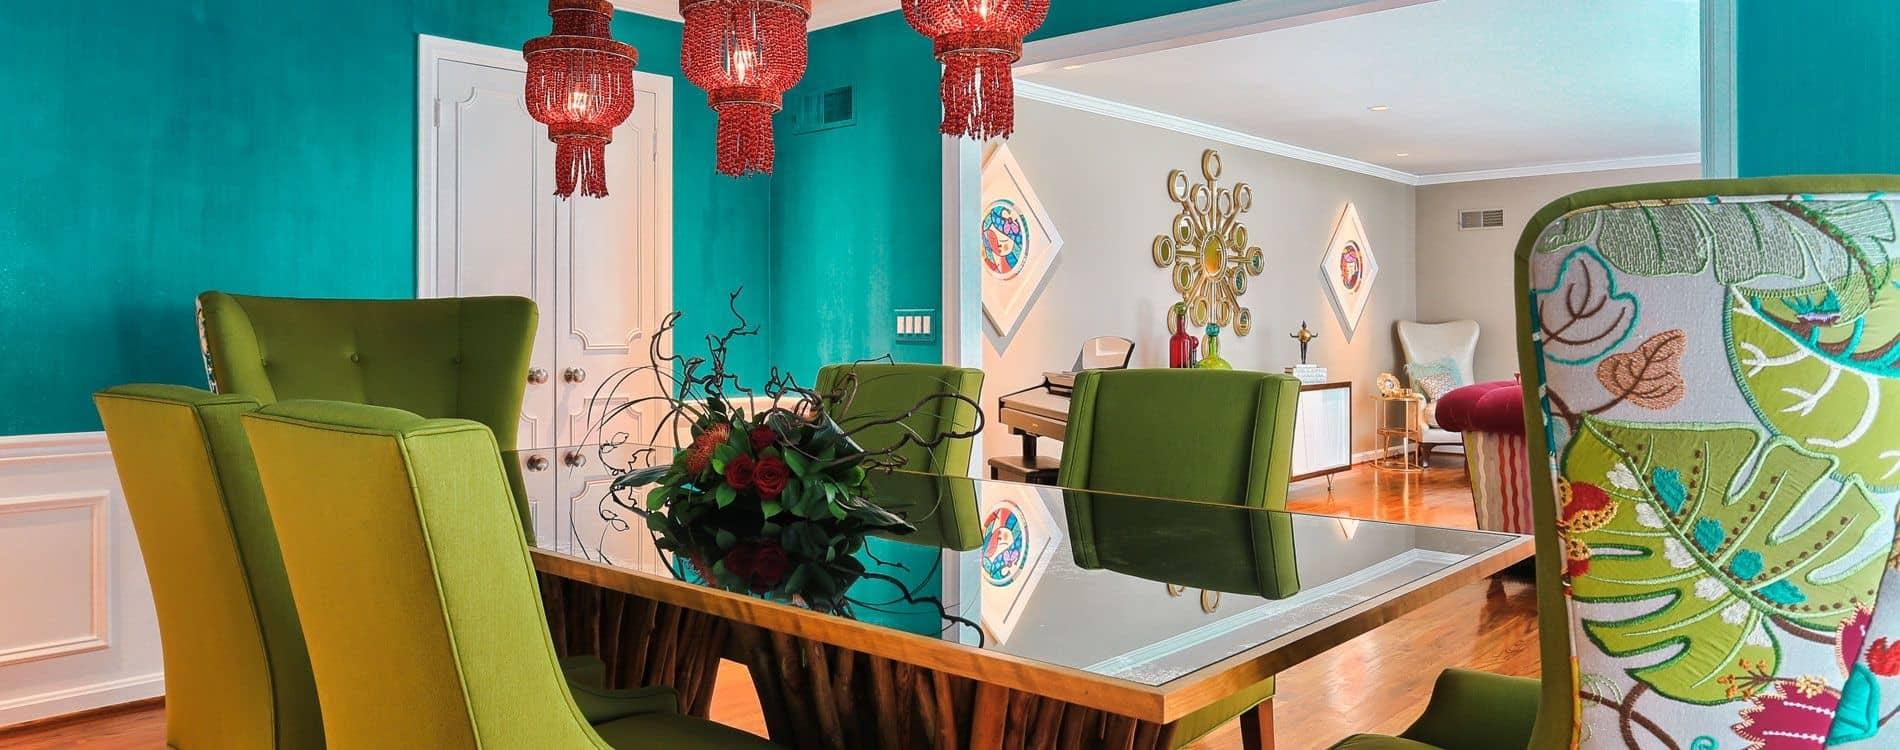 Professional Interior Designer Decorator In Philadelphia Lancaster Pa Henrietta Heisler Interiors Inc